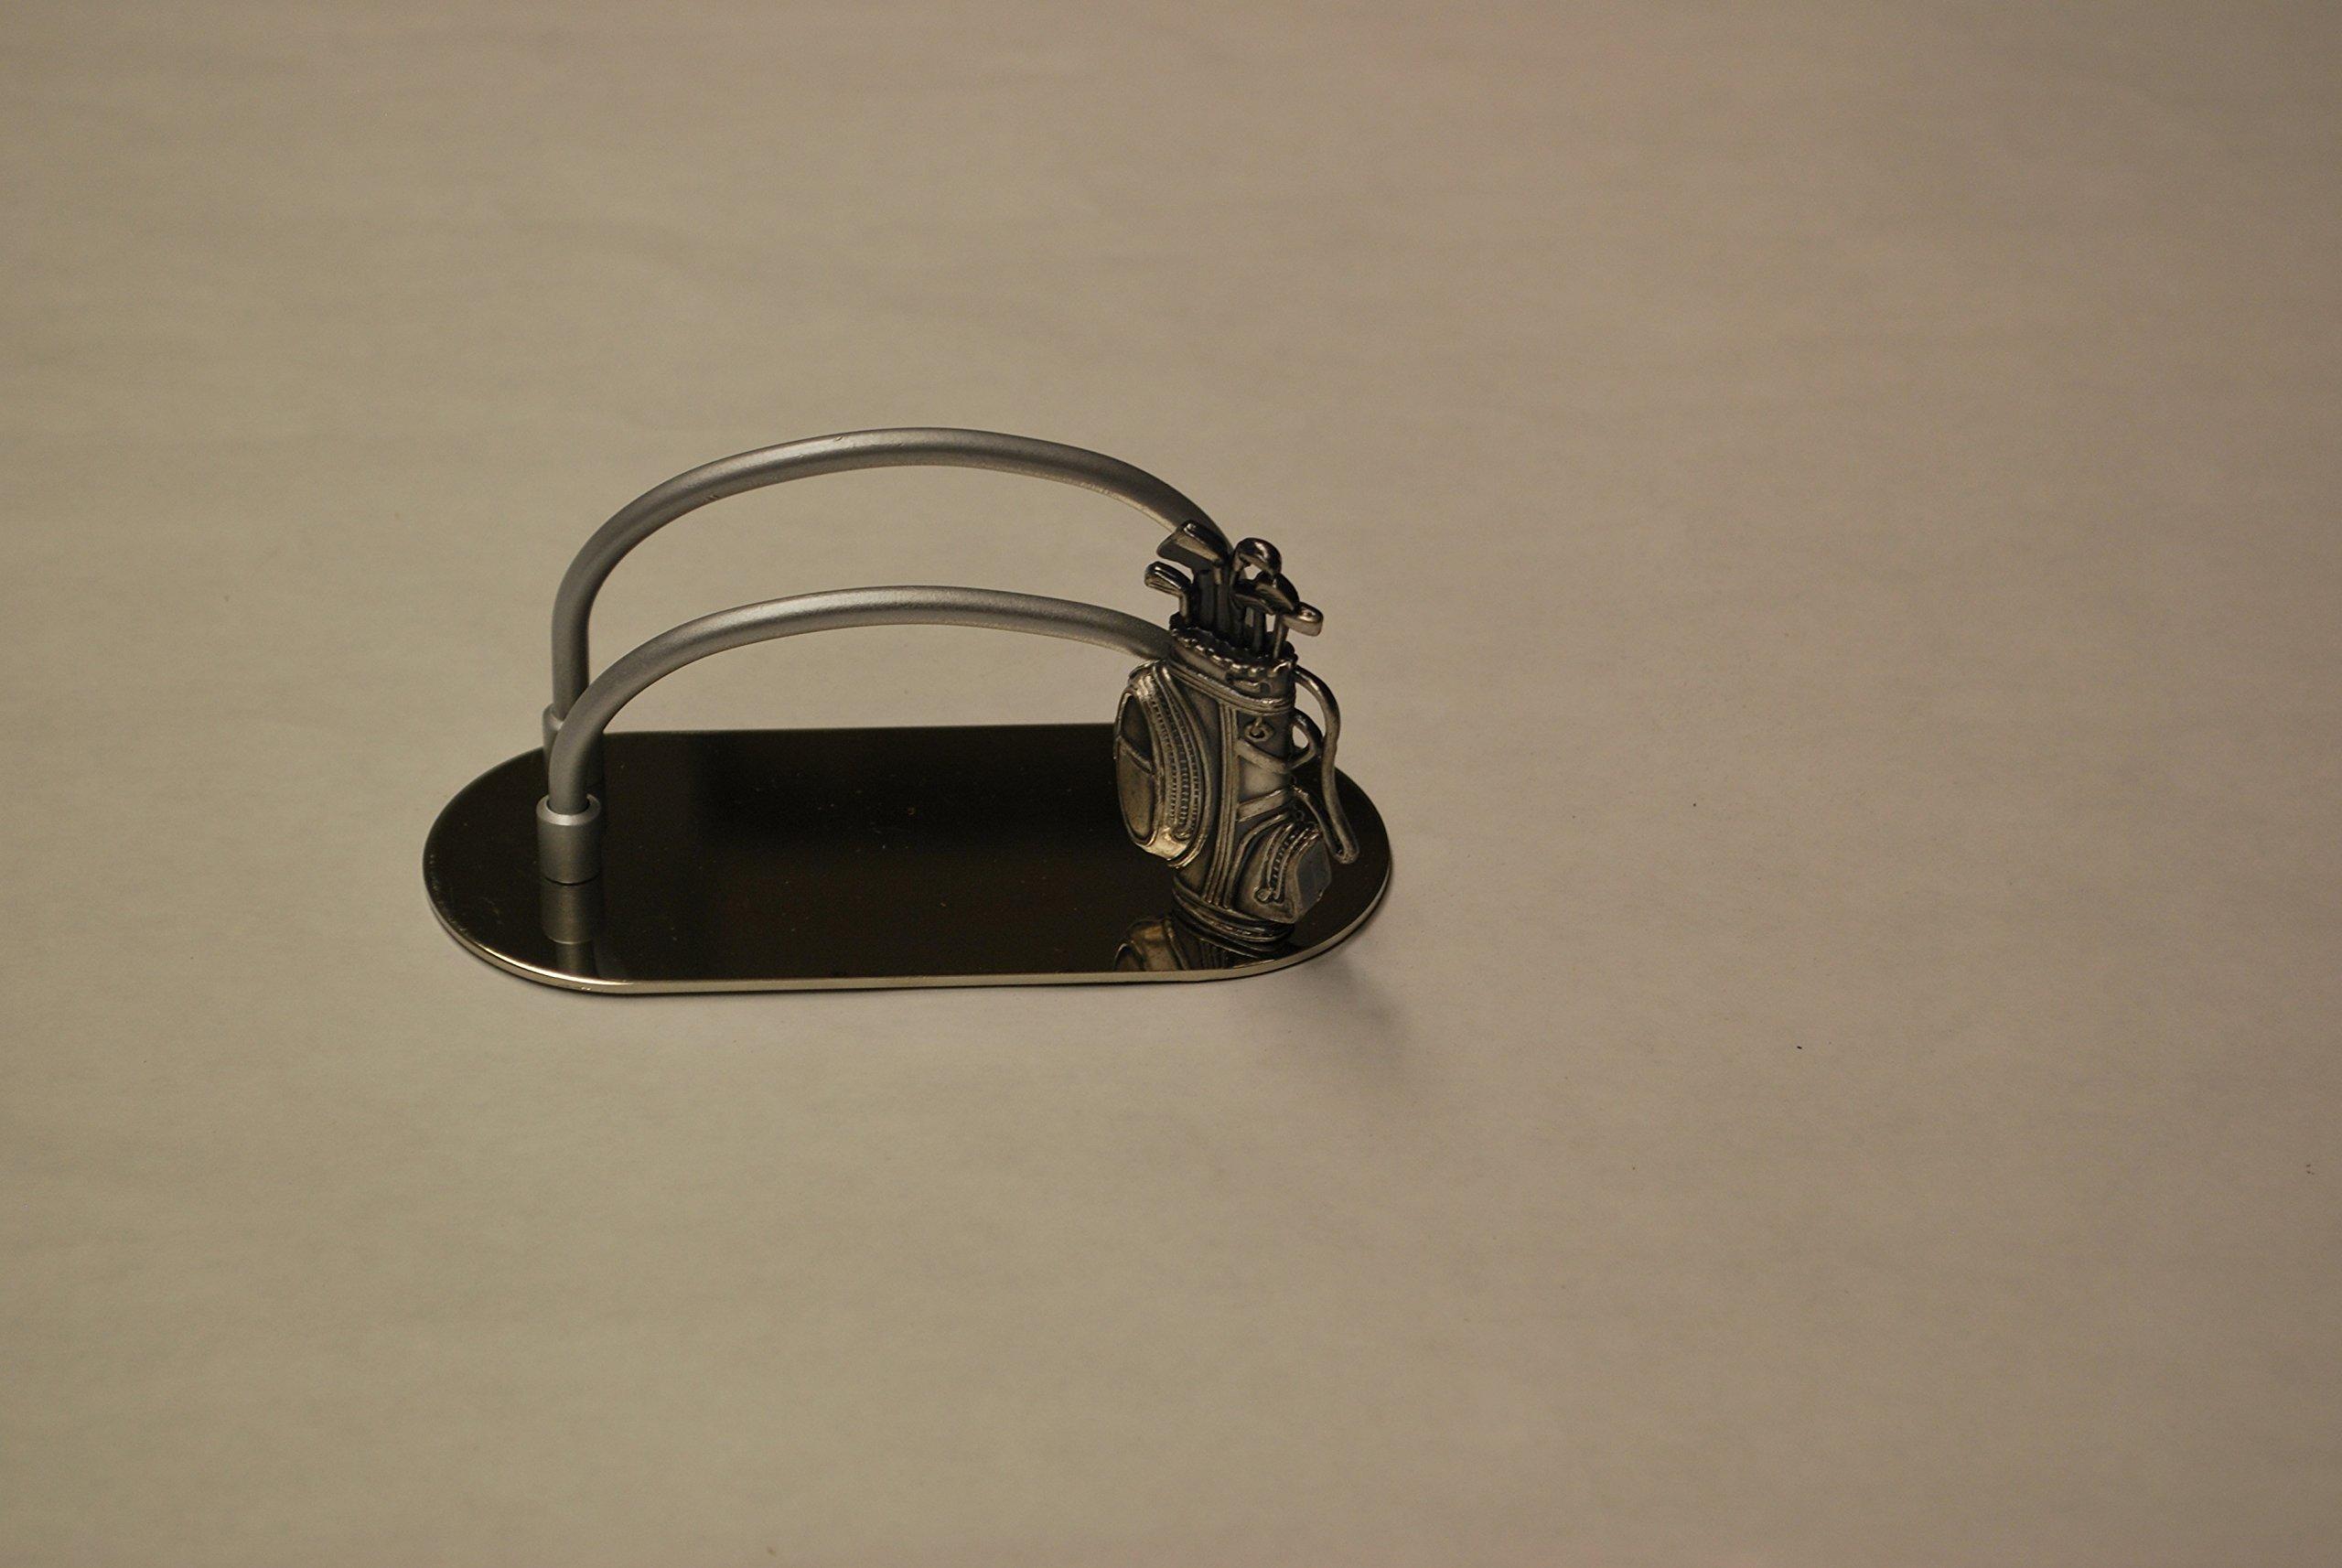 Golf Bag Motif Hand Detailed Business Card Holder - Pewter